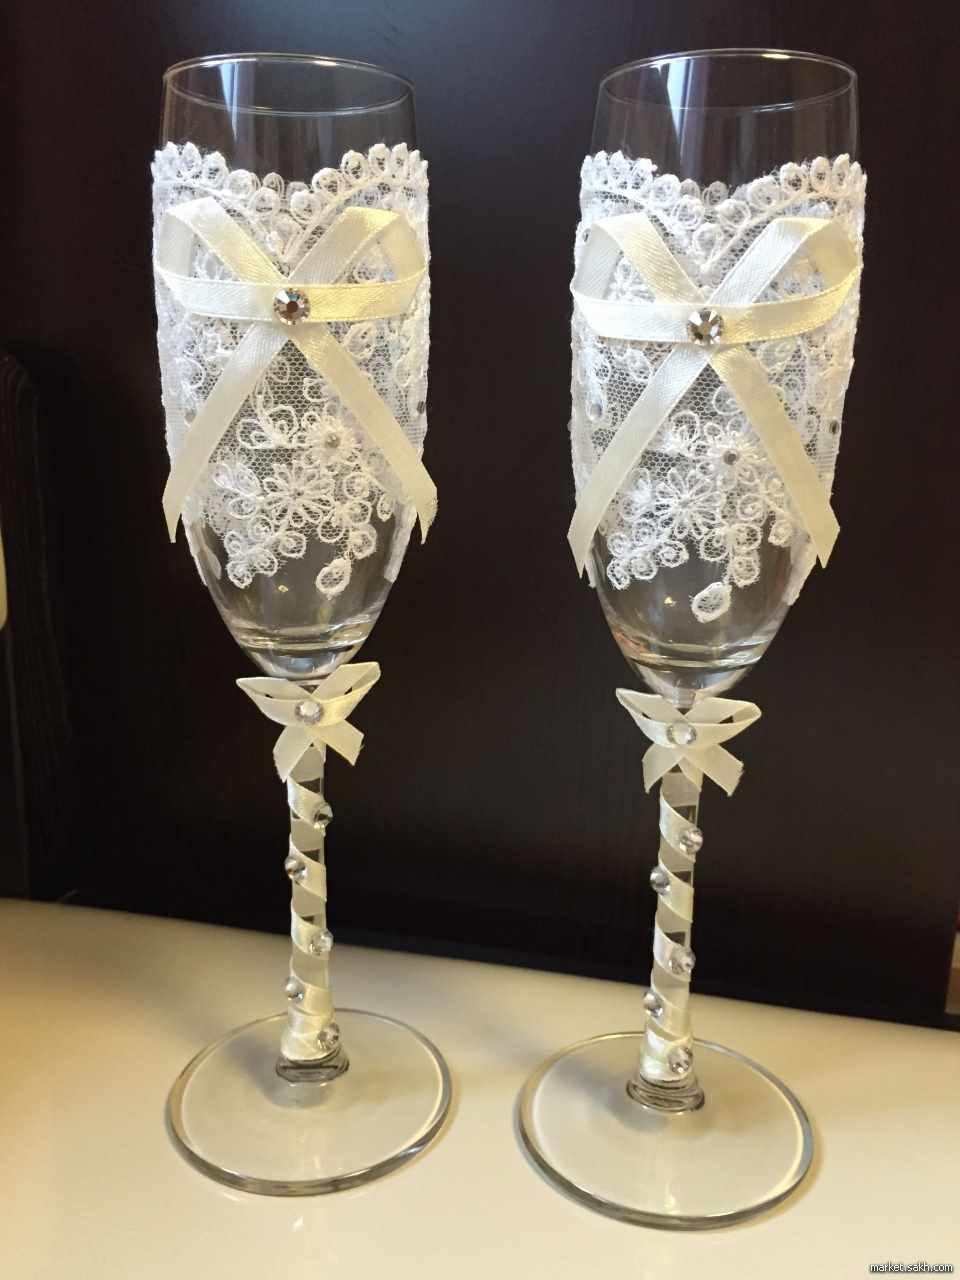 Свадебные бокалы: идеи оформления и украшения, фото и видео